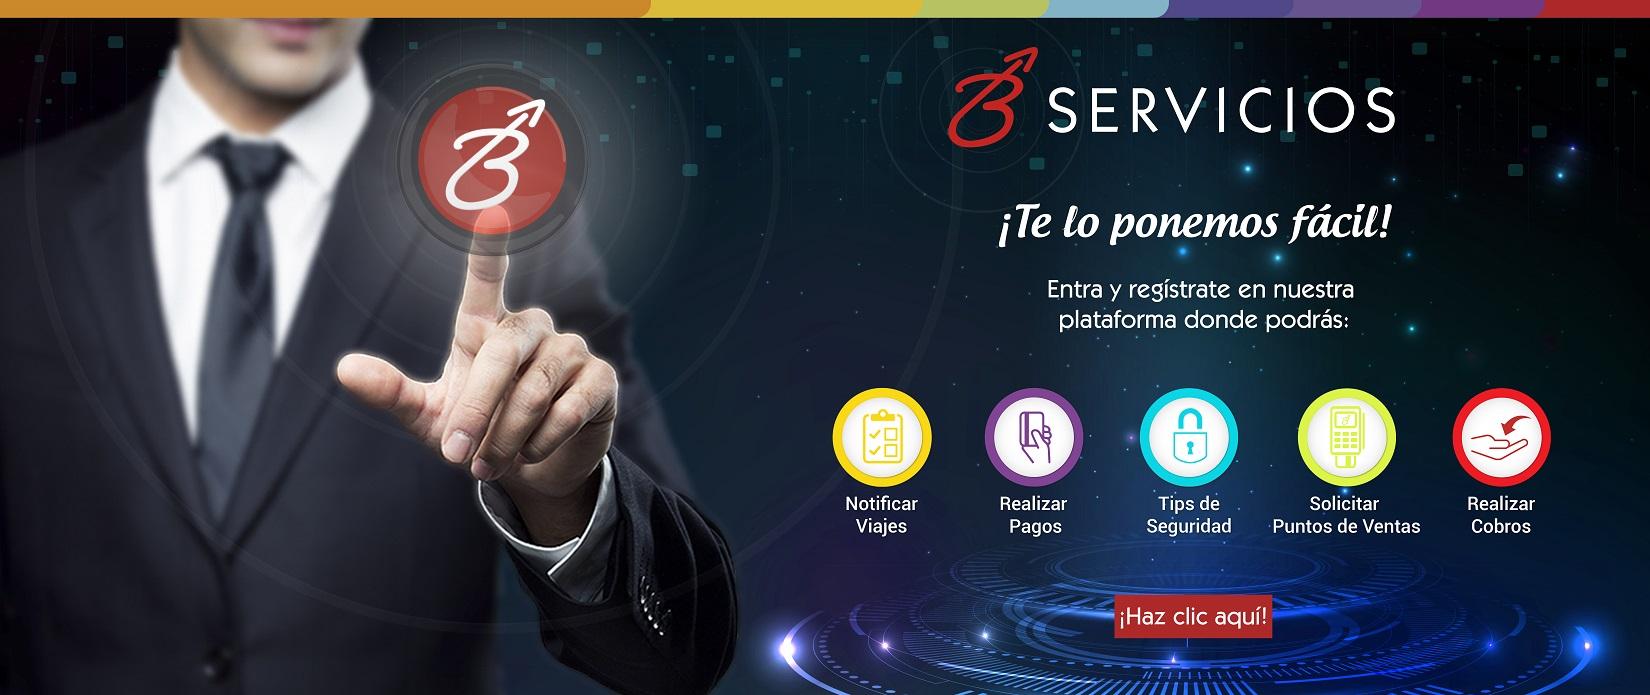 Banner-B-Servicios-optimizado